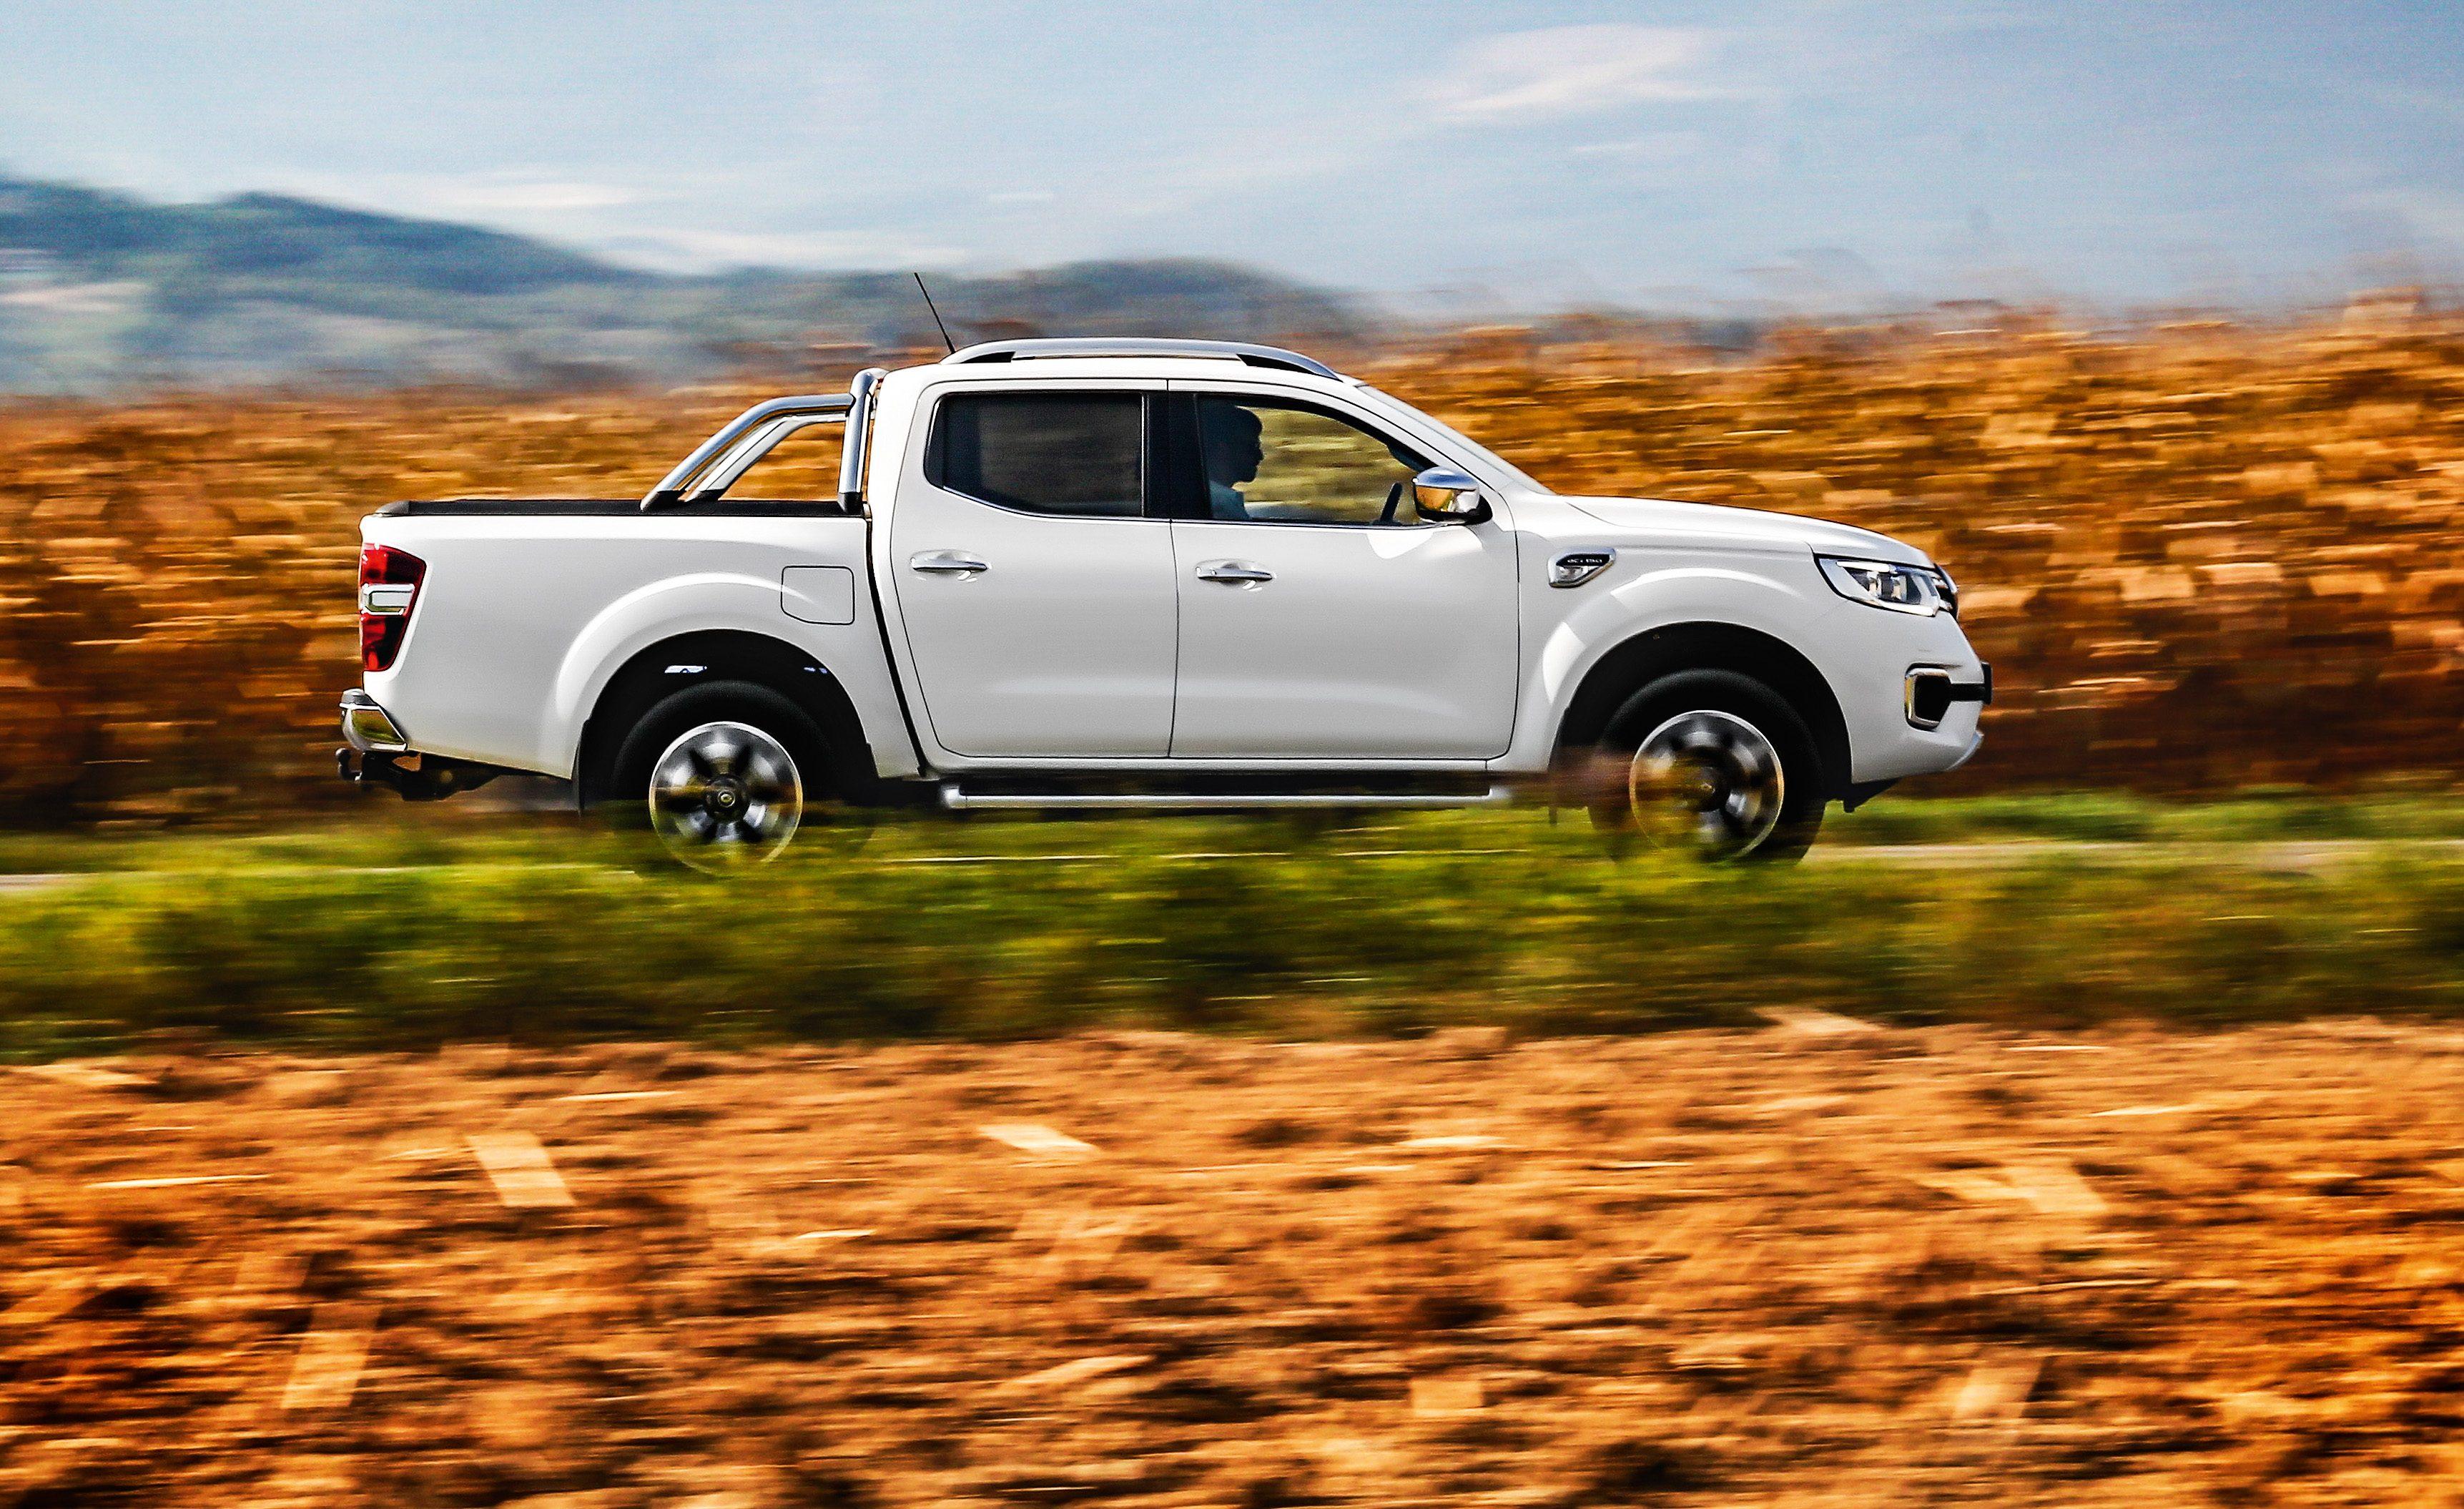 O design da lateral não disfarça o parentesco com a Nissan Frontier